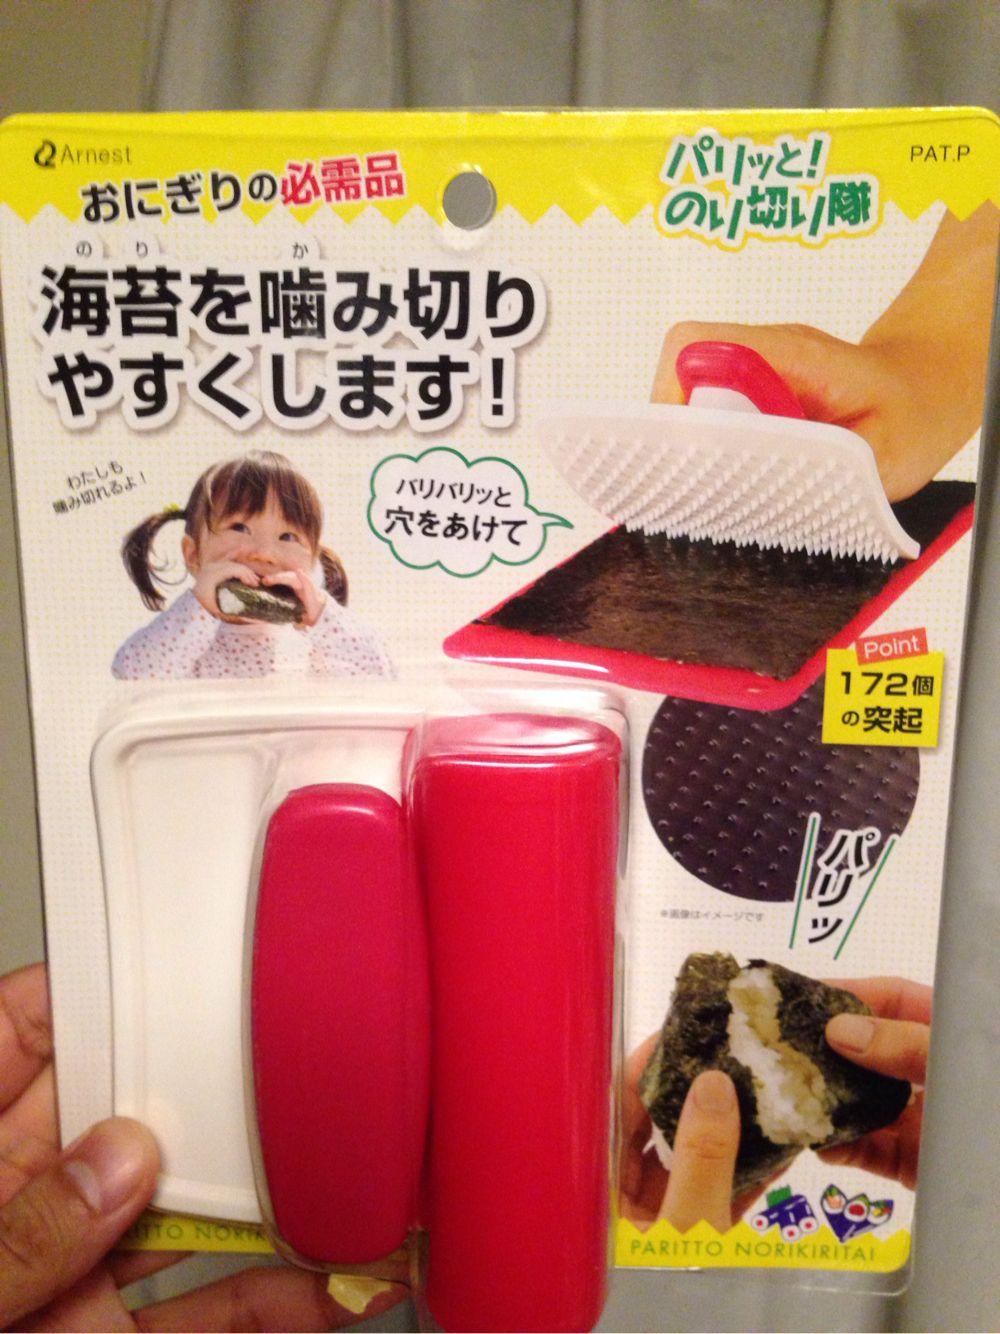 お・も・ち・す・き。なので、のりをパリッと噛みちぎれるこの道具が便利